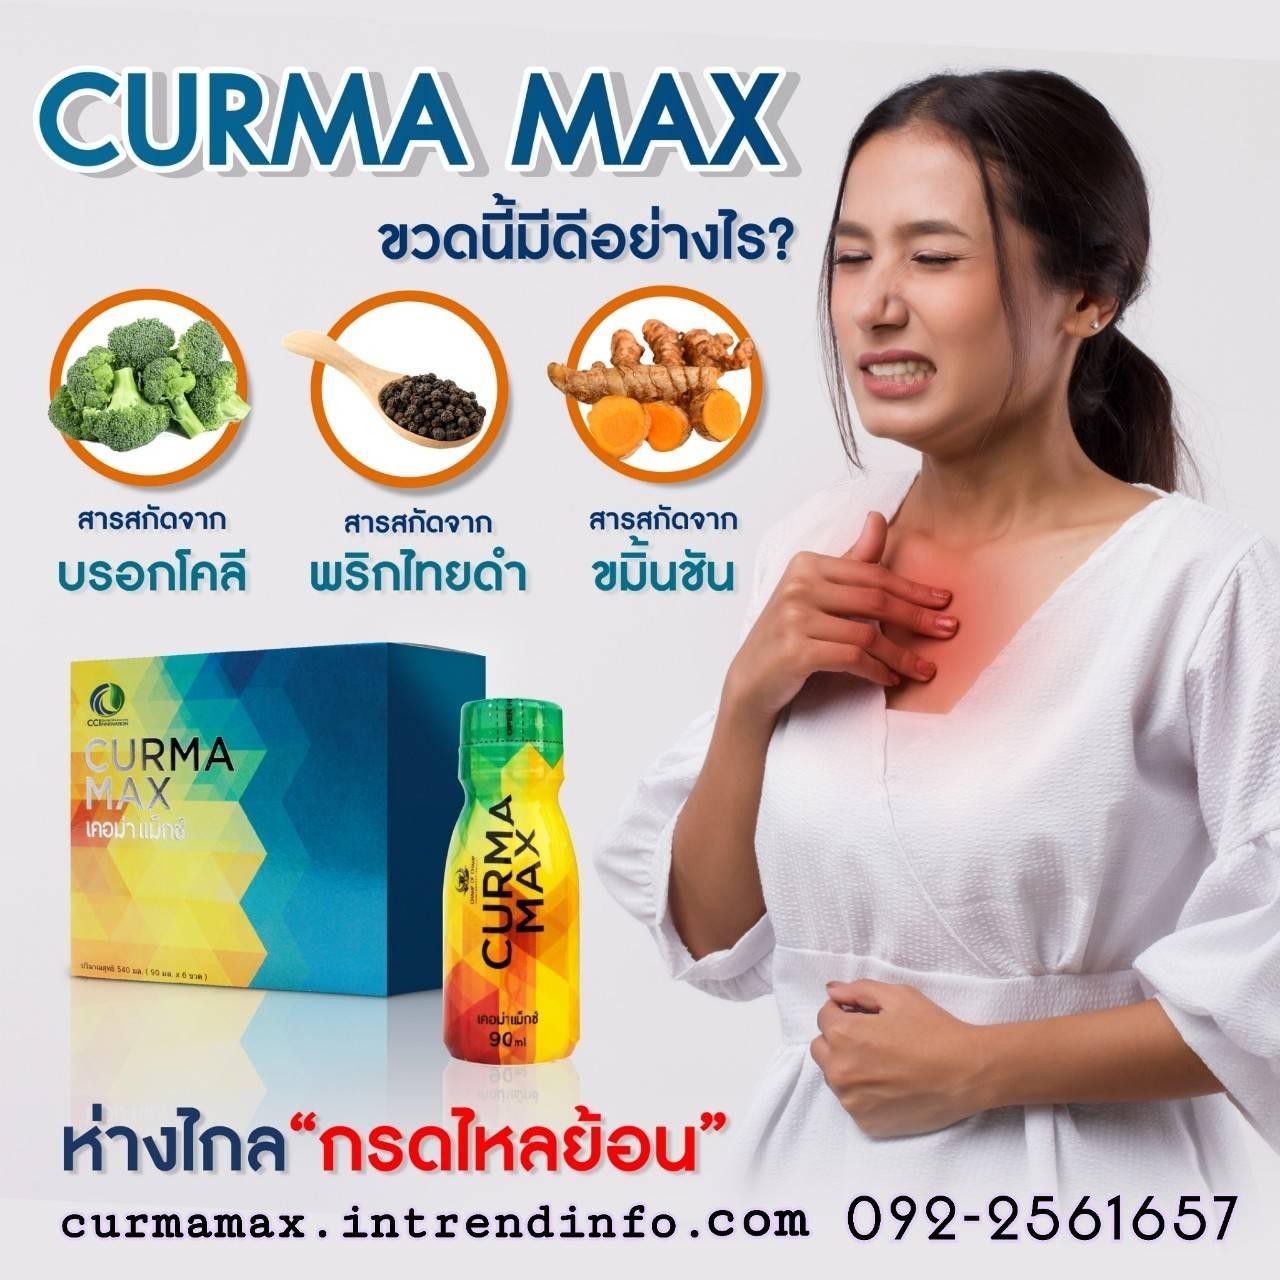 เคอร์ม่า แม็กซ์ CURMA MAX